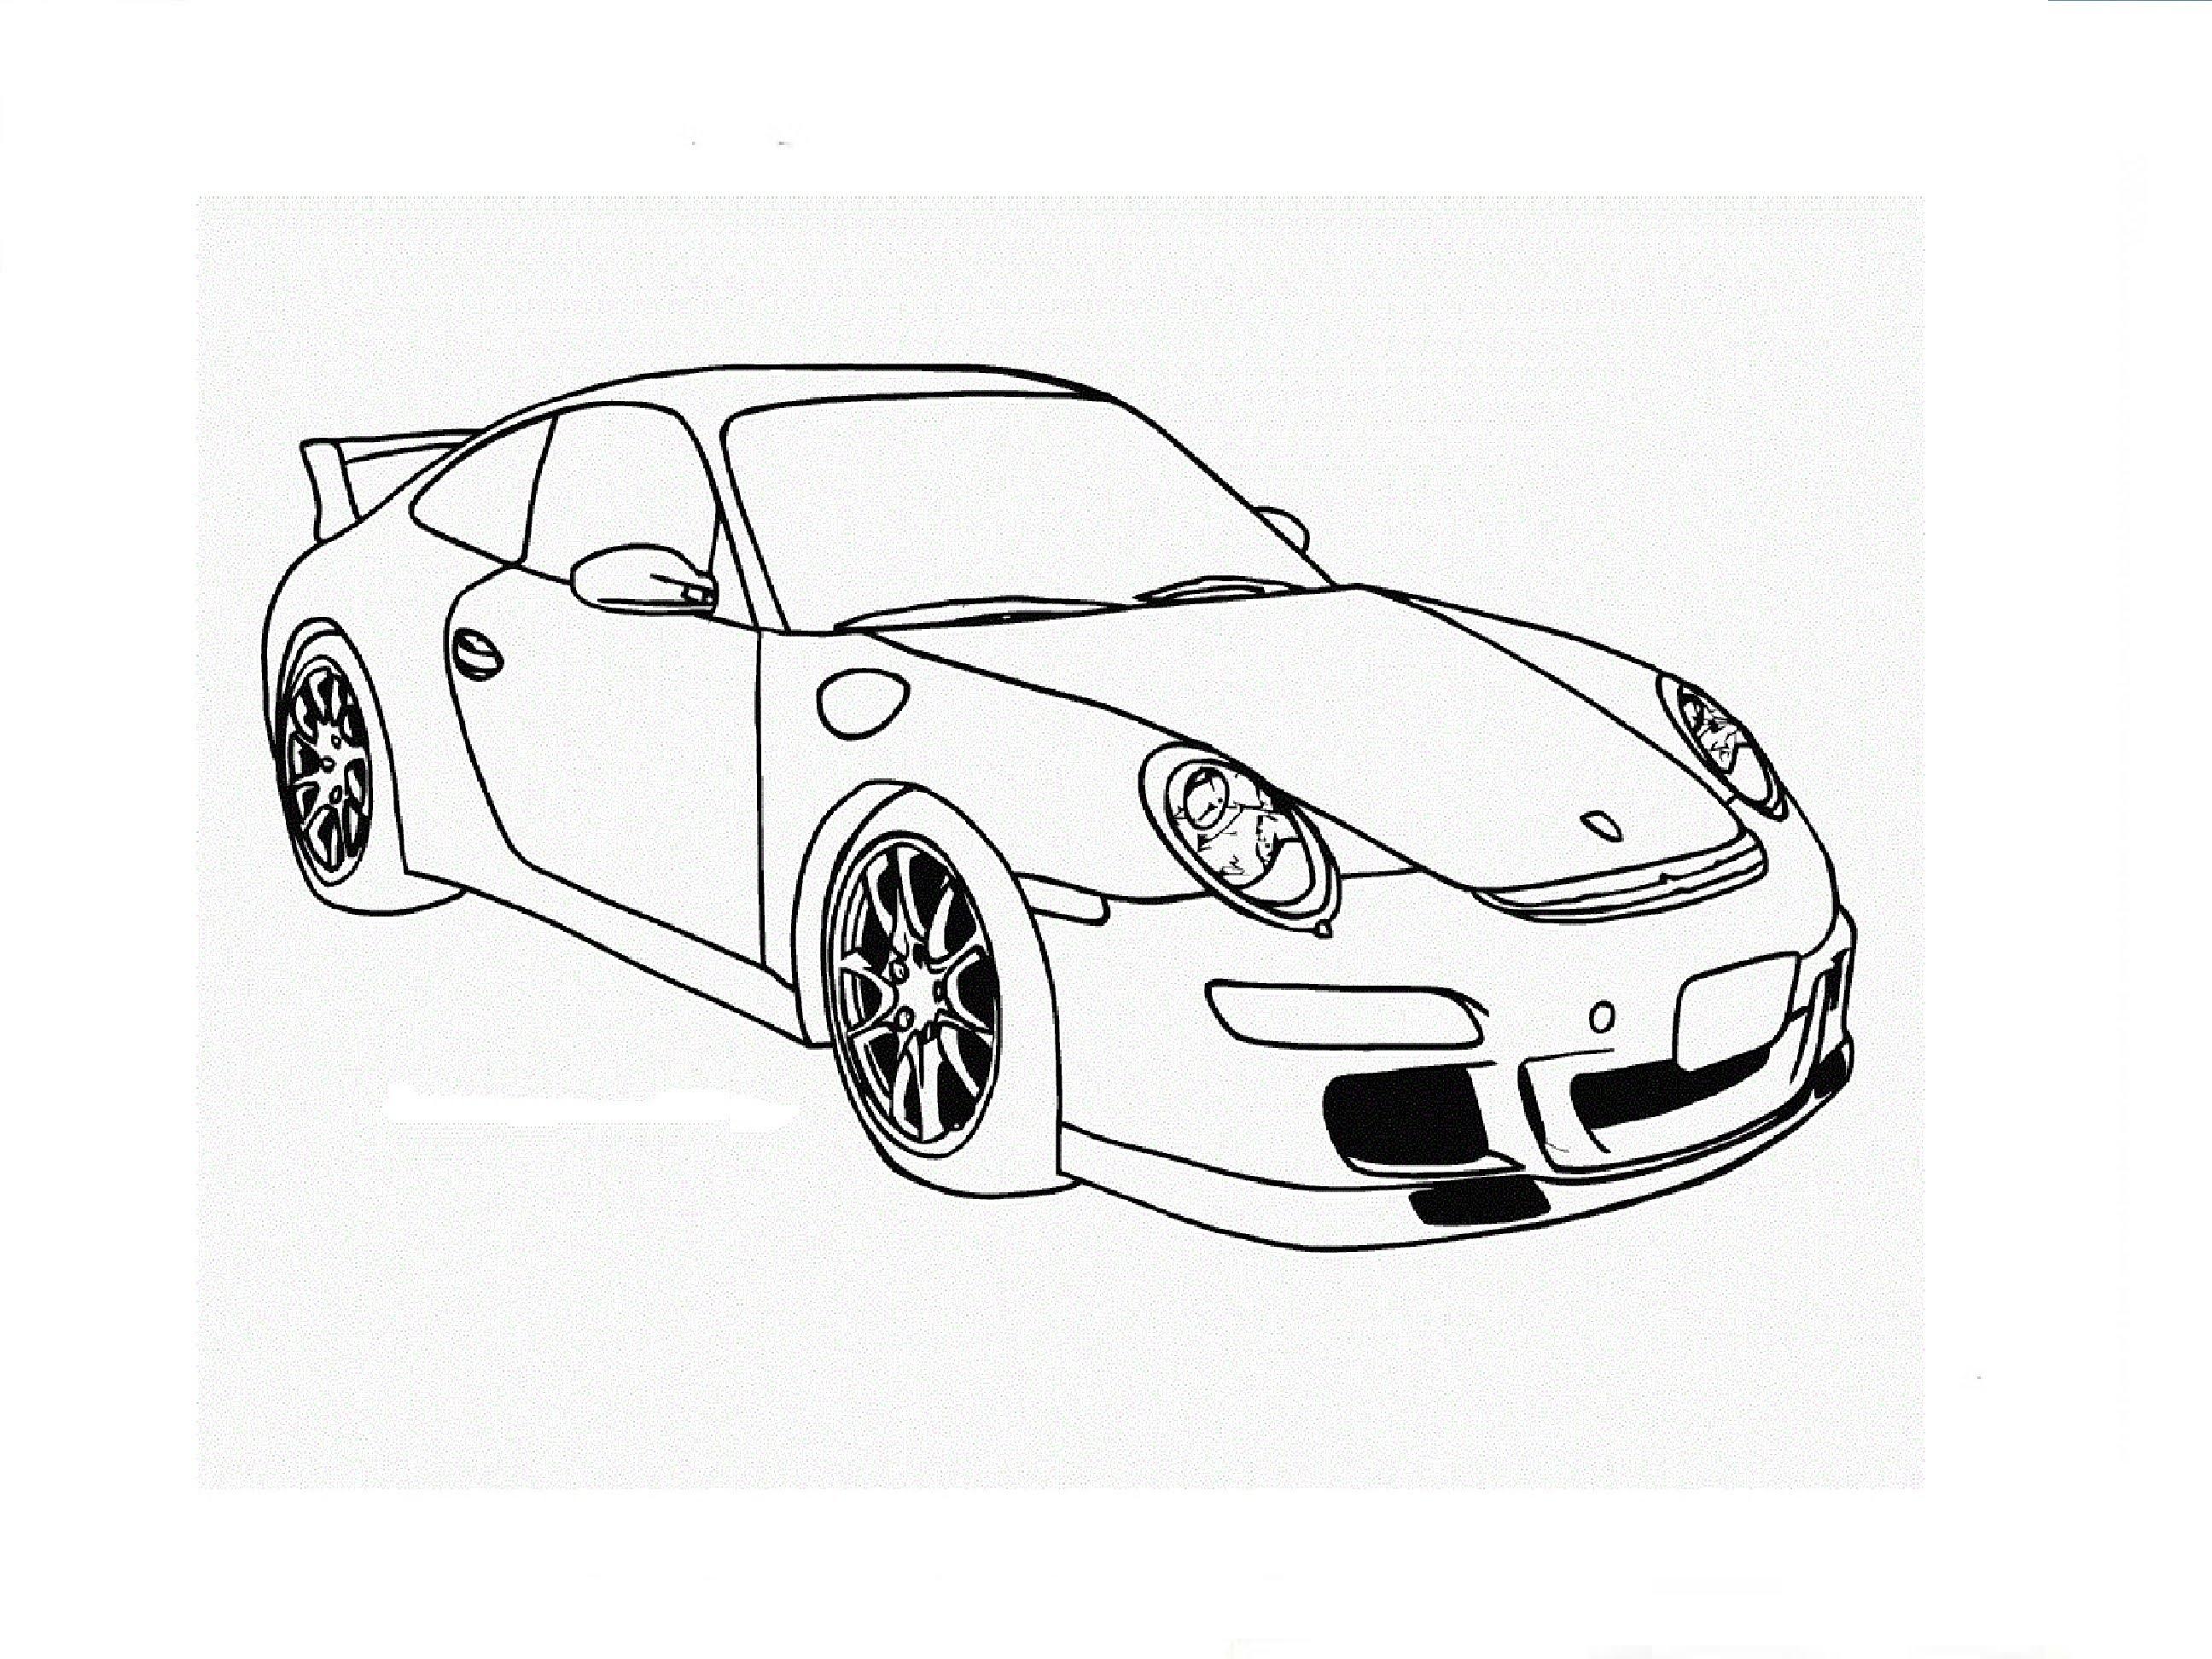 Porsche 911 Drawing moreover Porsche 911 Drawing besides 179 Albert Motorsport 997 Gt3 Cup S Getriebe Porsche Stand 2010 Revidiert as well 221326258017 as well 458100593340402827. on porsche 356 kit car